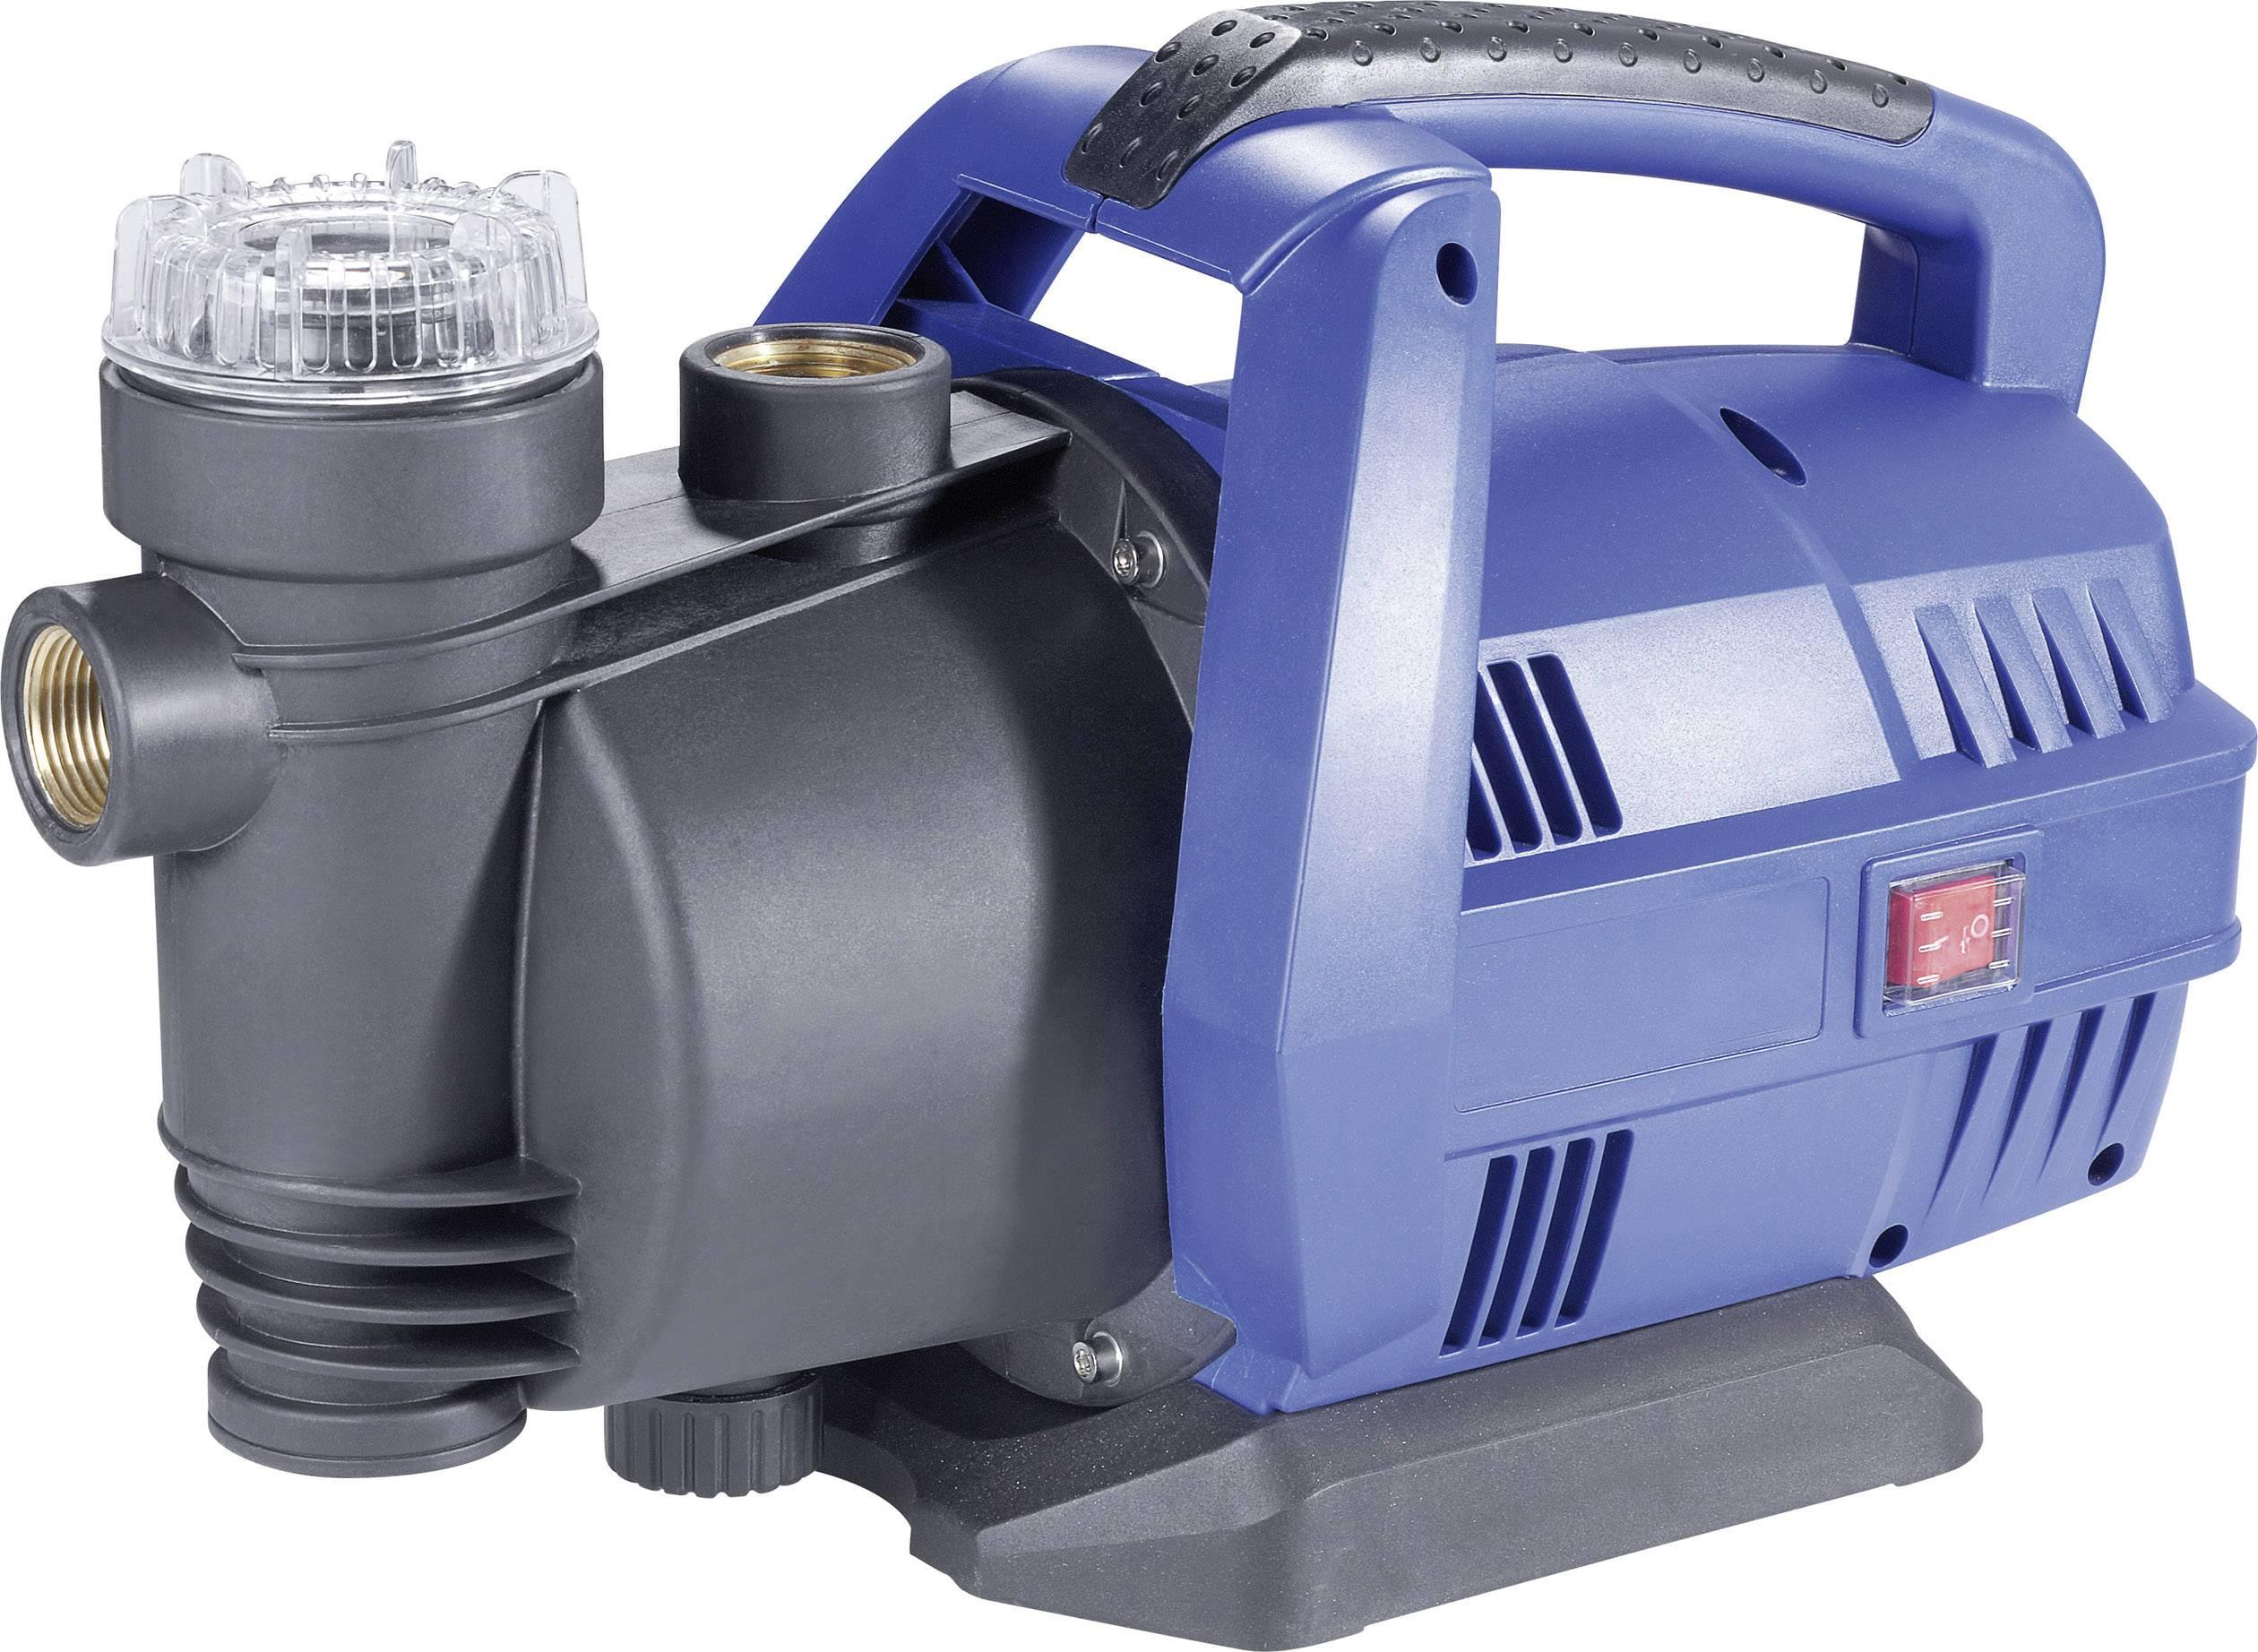 Záhradné čerpadlo Renkforce 800W 1034029, 3300 l/h, 38 m, 800 W